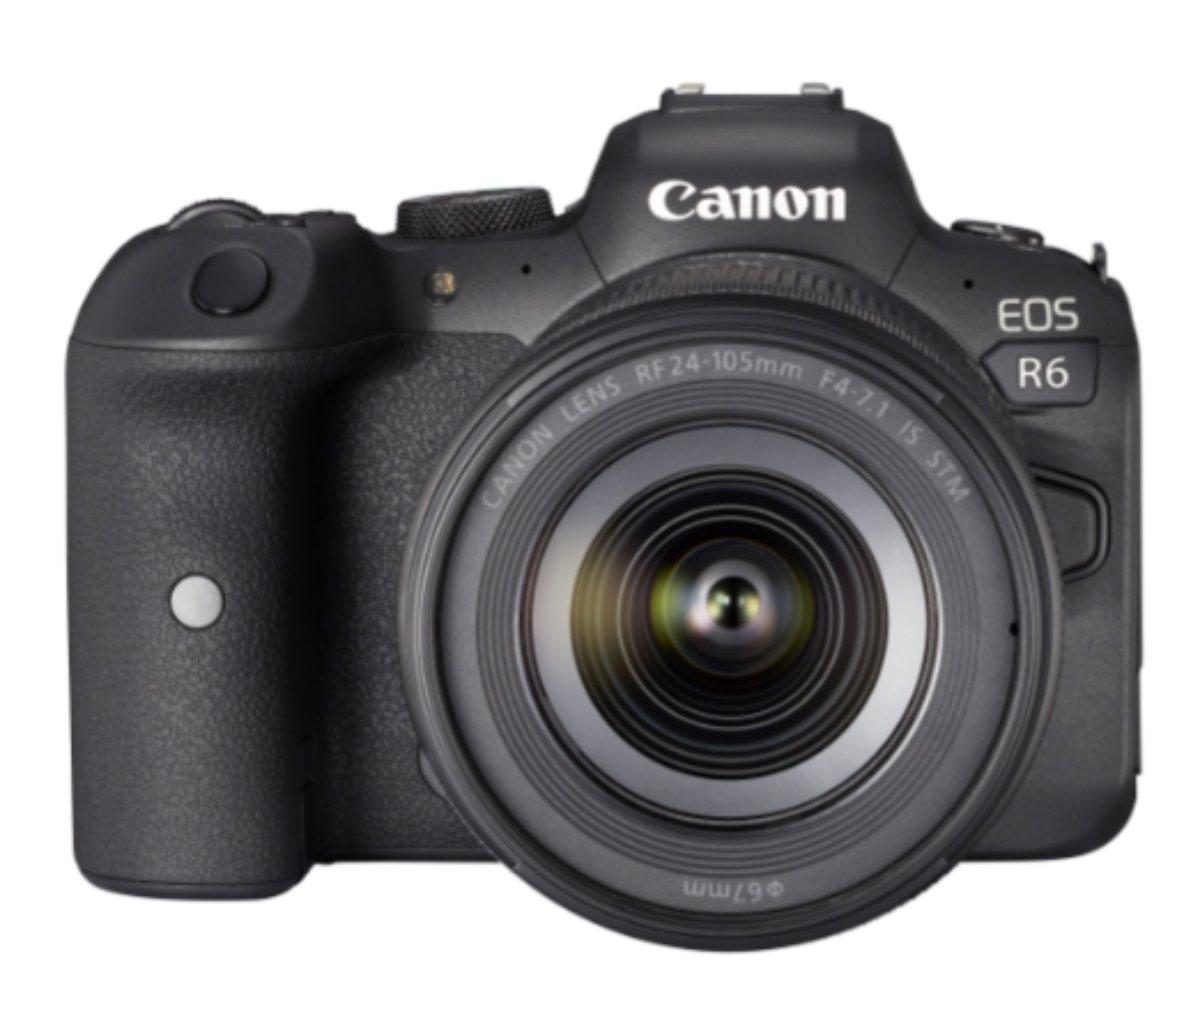 actualizaciones de firmware de Canon para las cámaras EOS